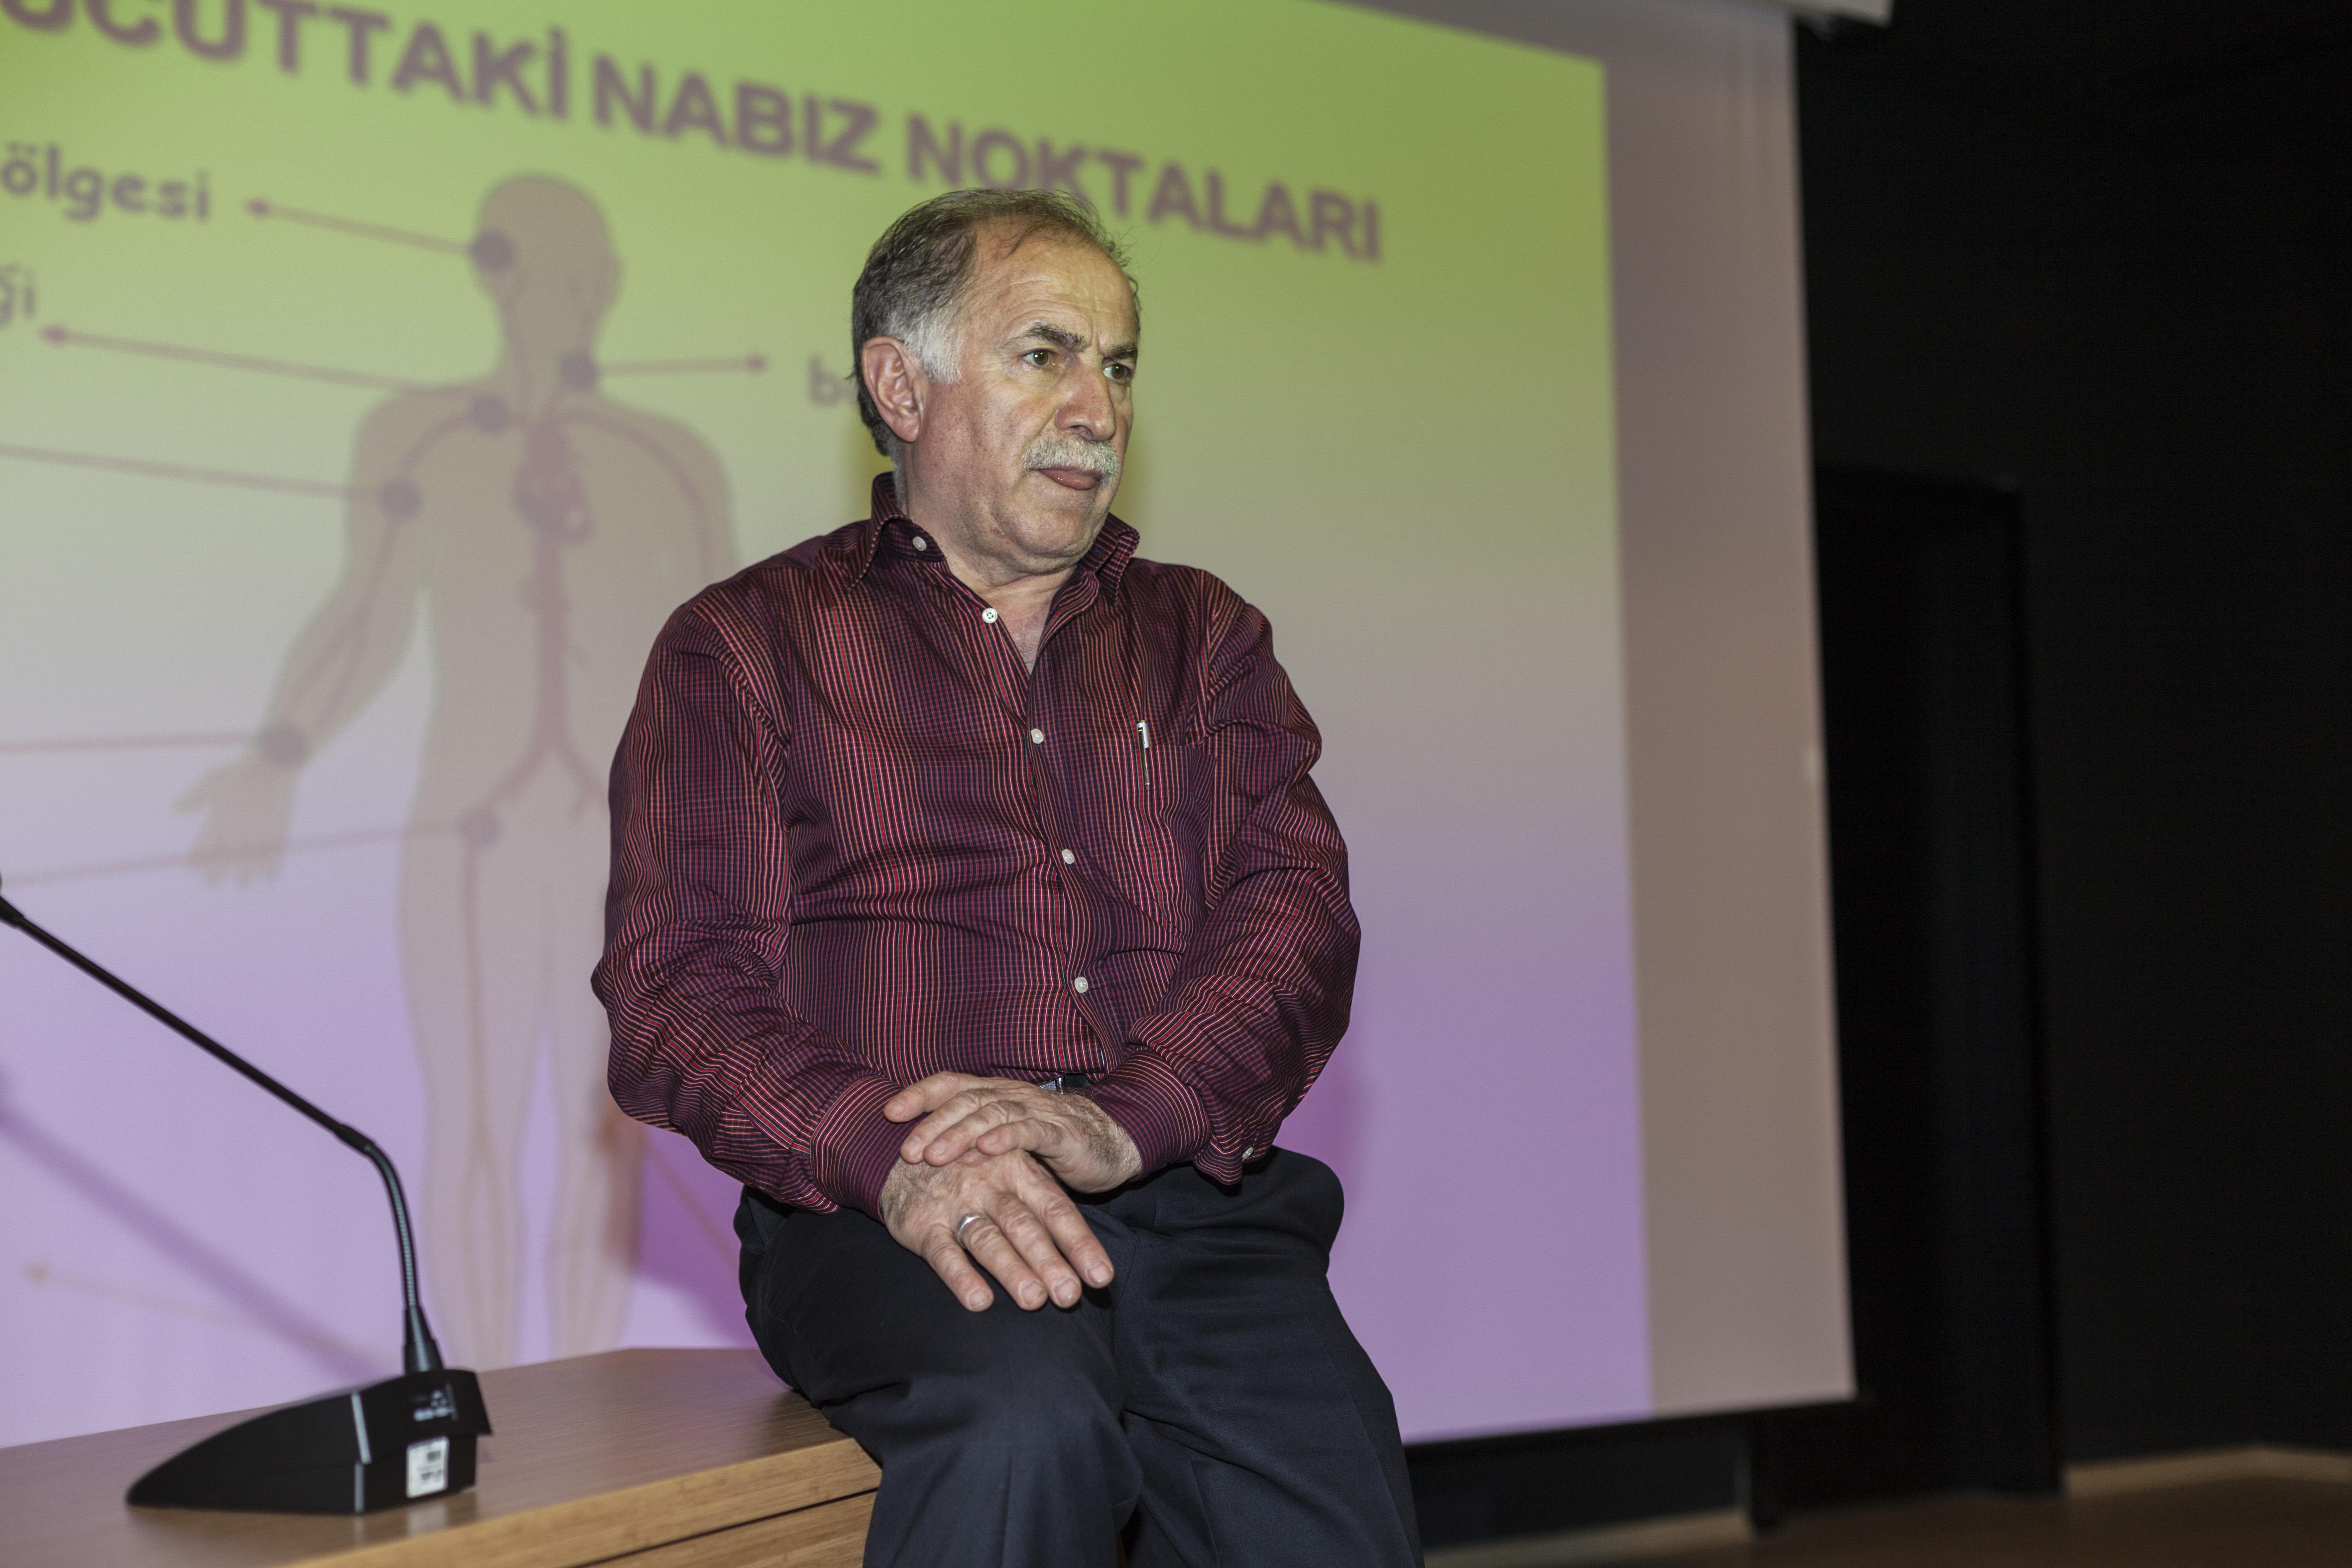 İkev Esenler Yurdu Çarşamba Konferanslarının  konuğu Operatör Dr. Fahrettin ÖZKAN oldu. - Haberler - İKEV - İlim Kültür ve Eğitim Vakfı